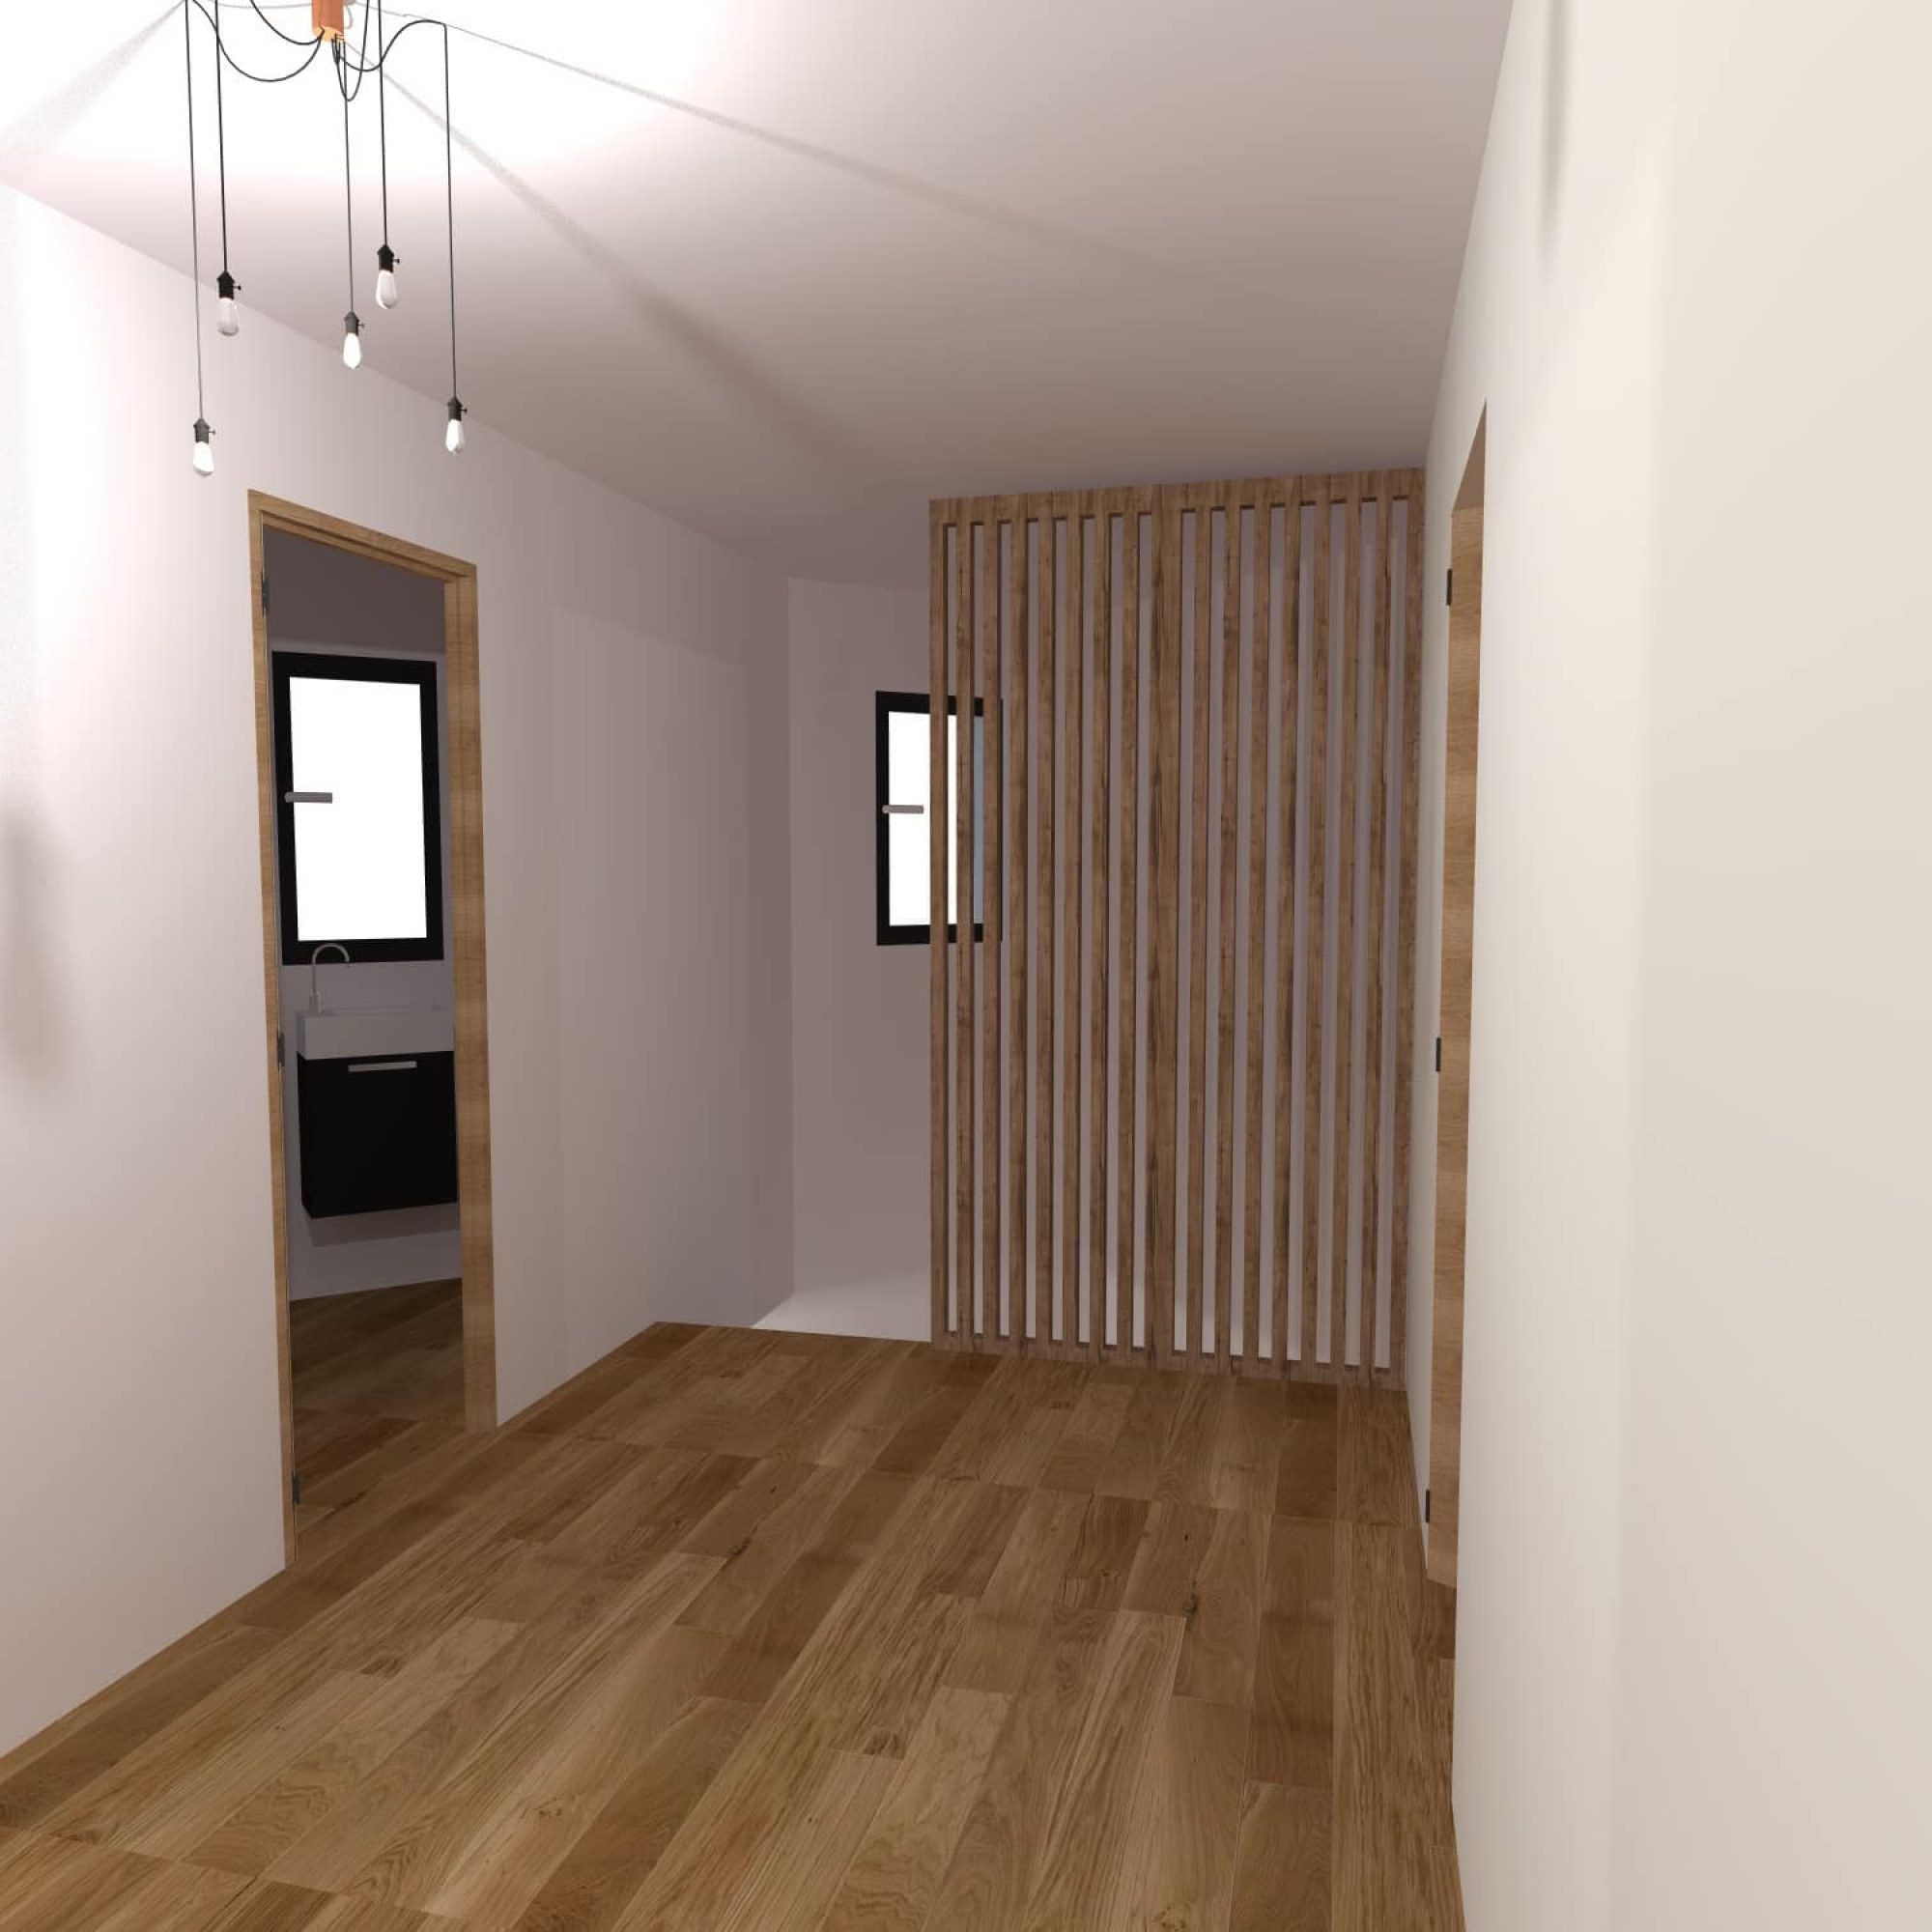 couloir-claustra-sur-mesure-jeremy-dugas